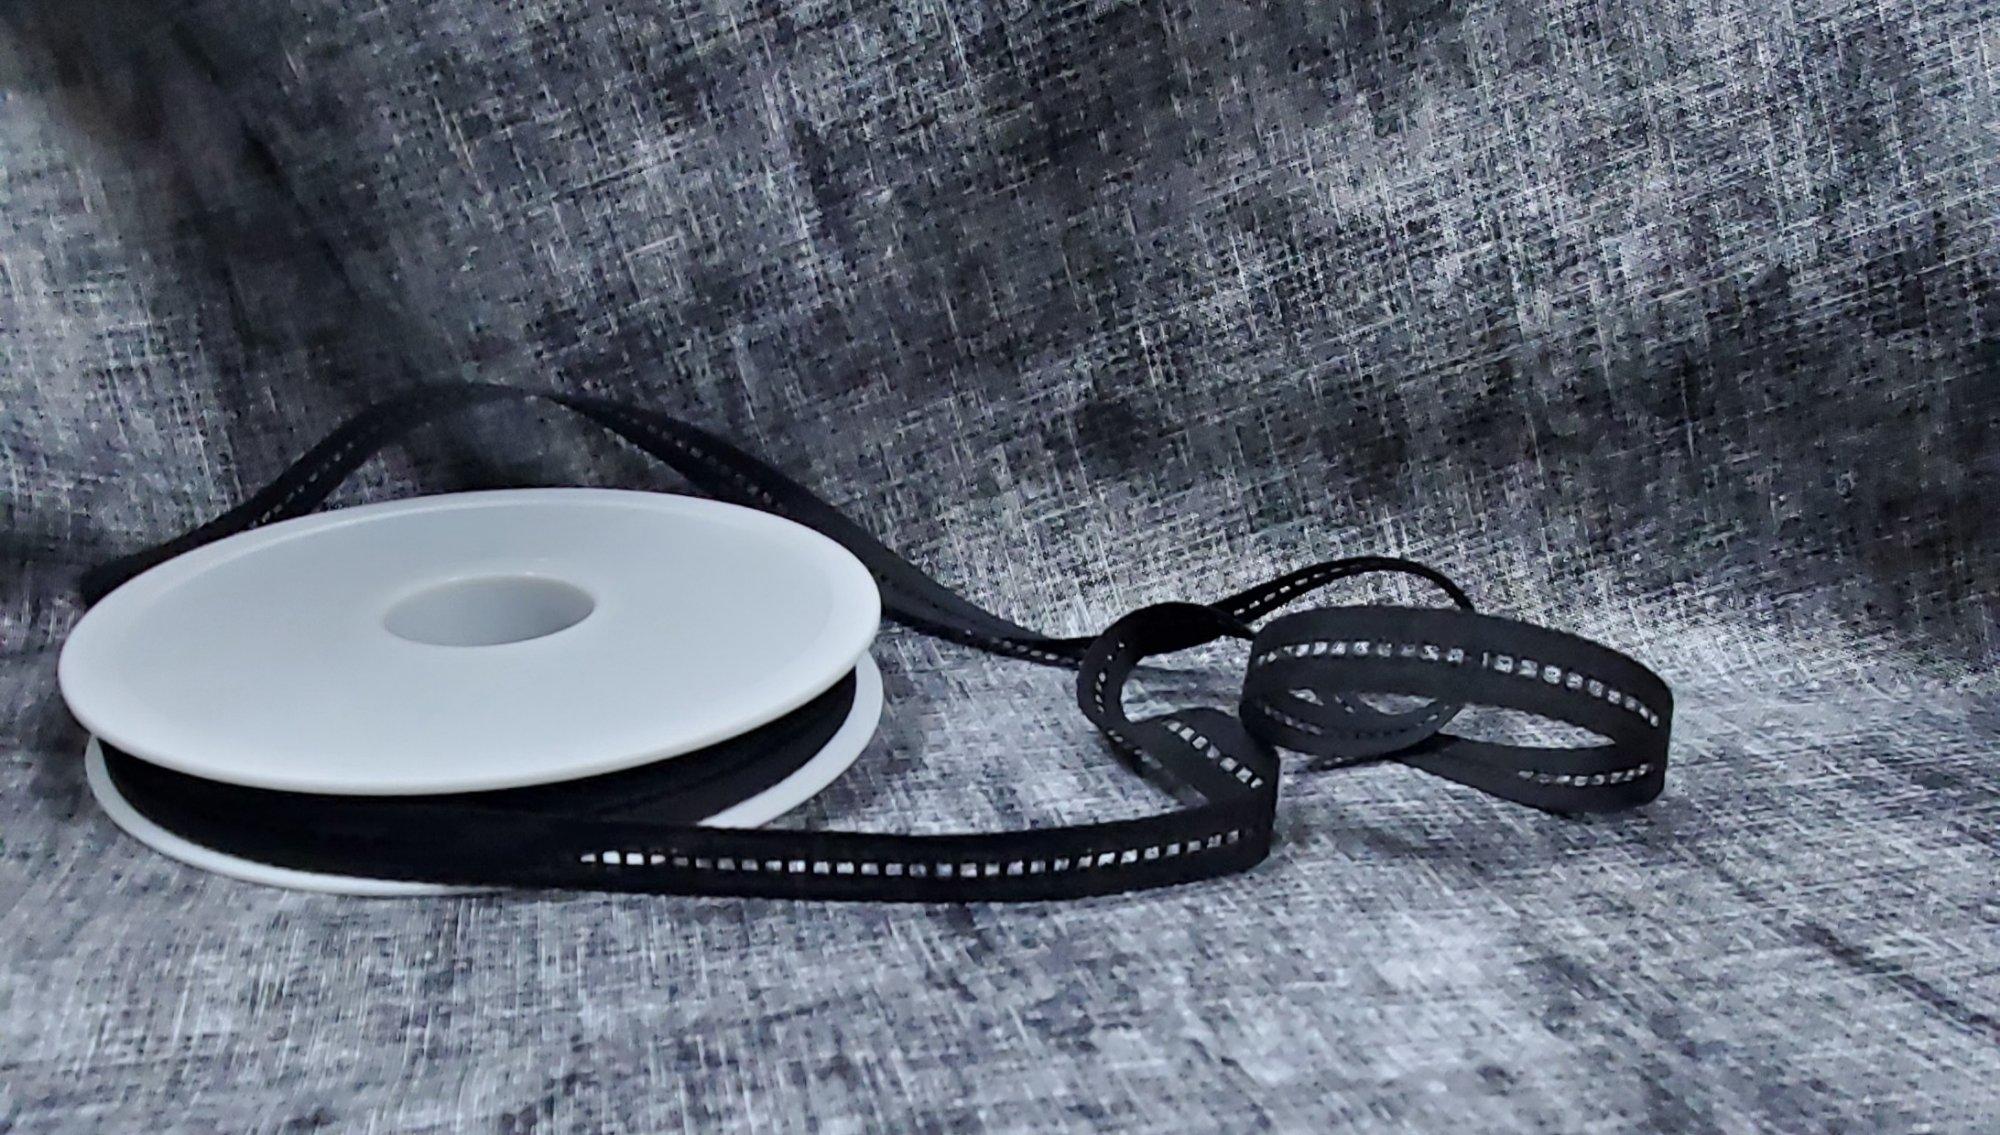 Jour Echelle Cotton Trim 2mm Black c14